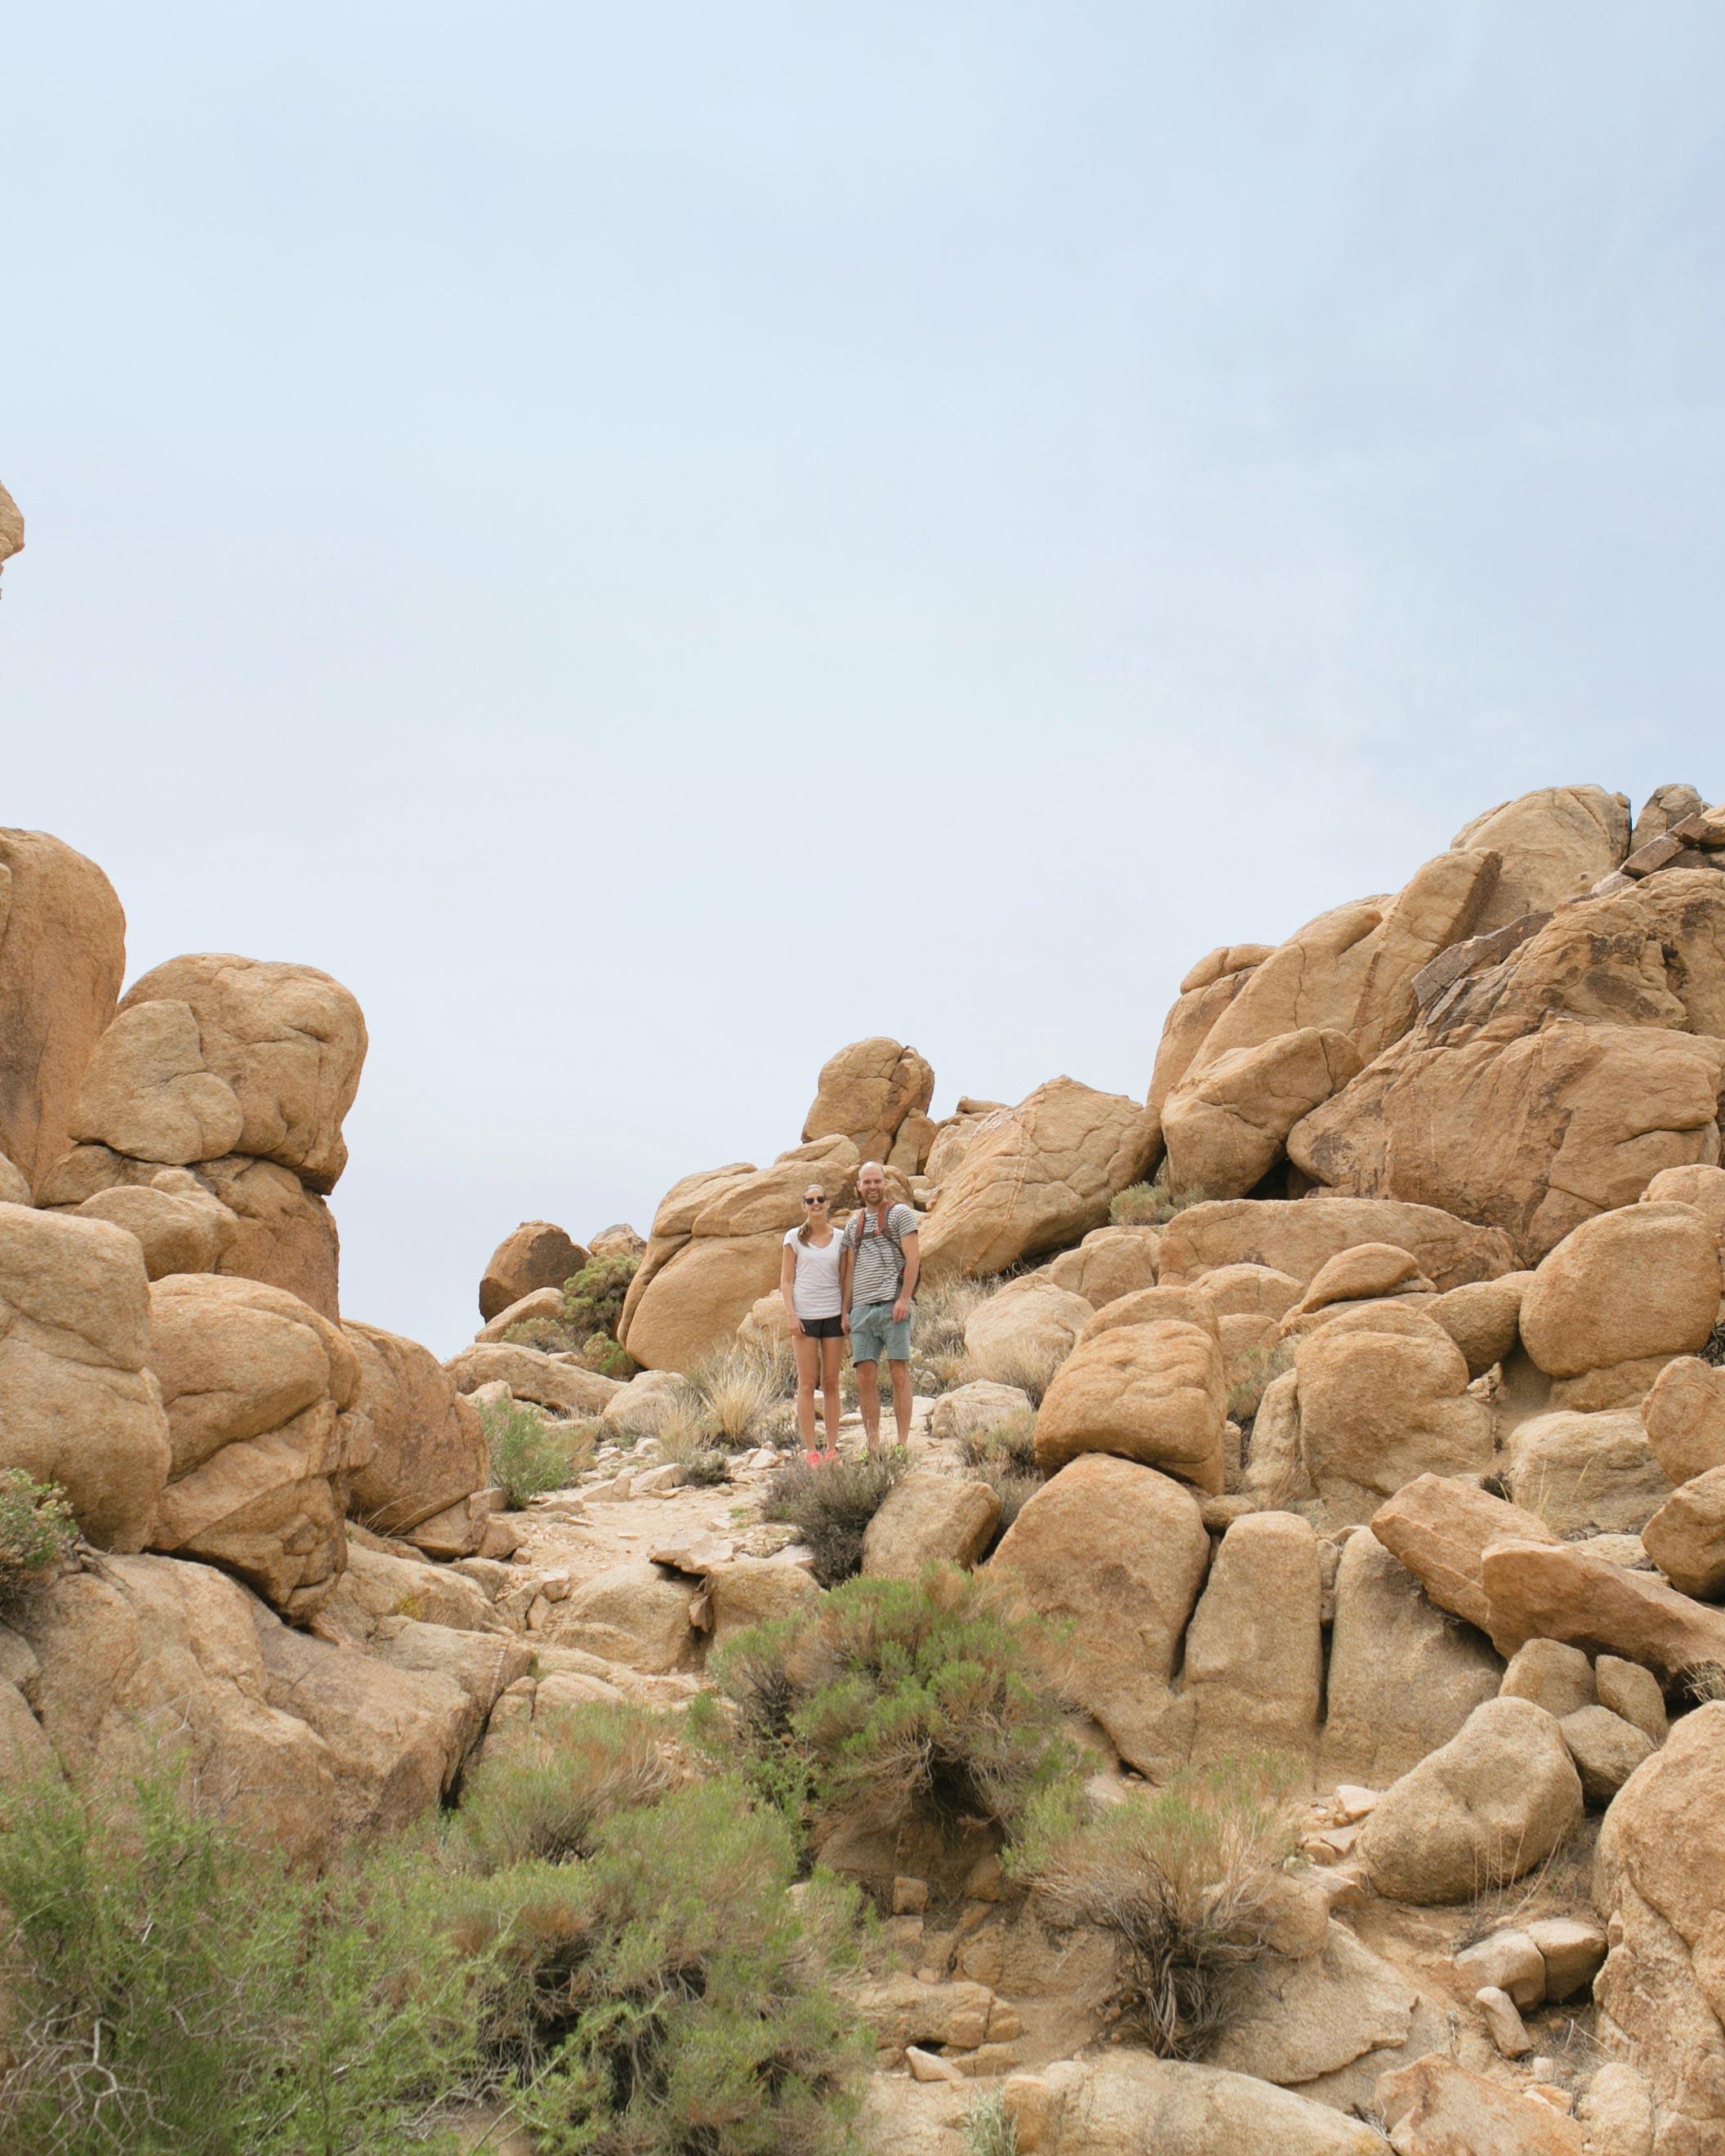 travel-honeymoon-diaries-hiking-california-desert-s112941.jpg